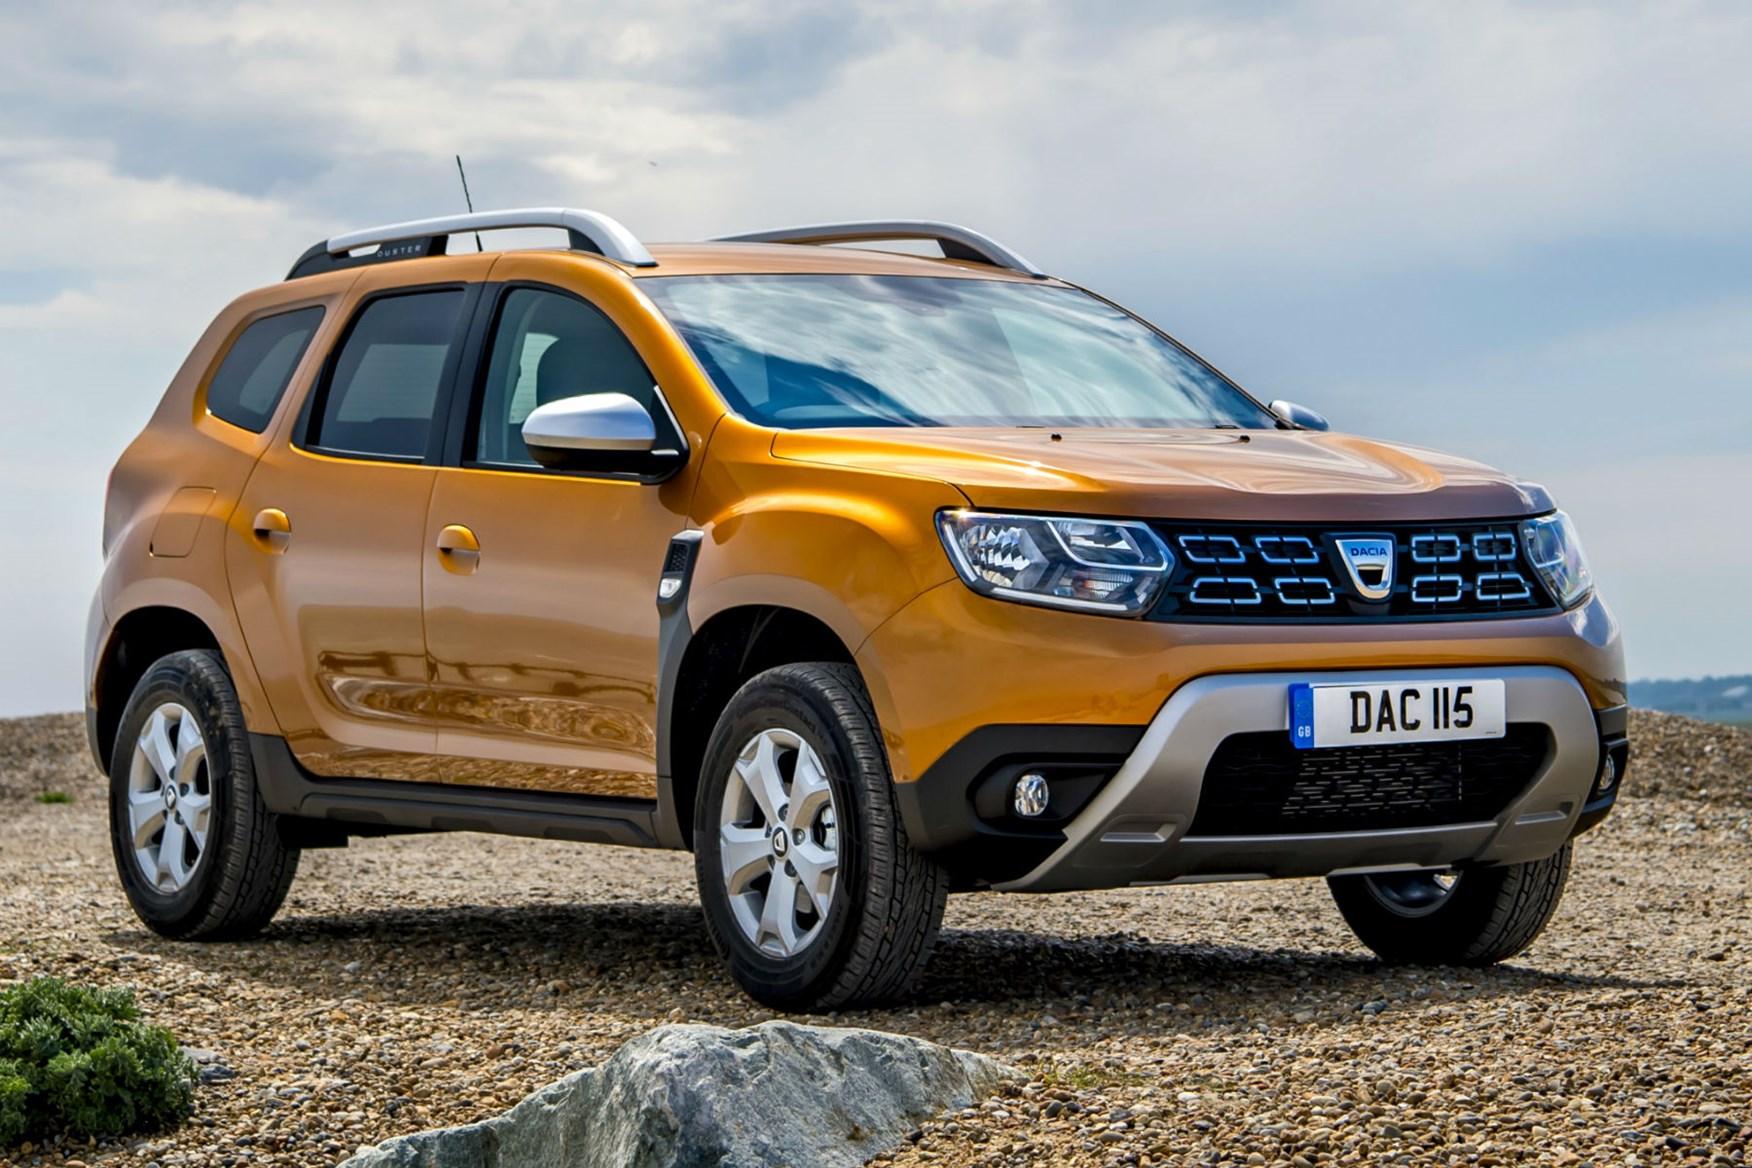 Dacia Duster PCP finance